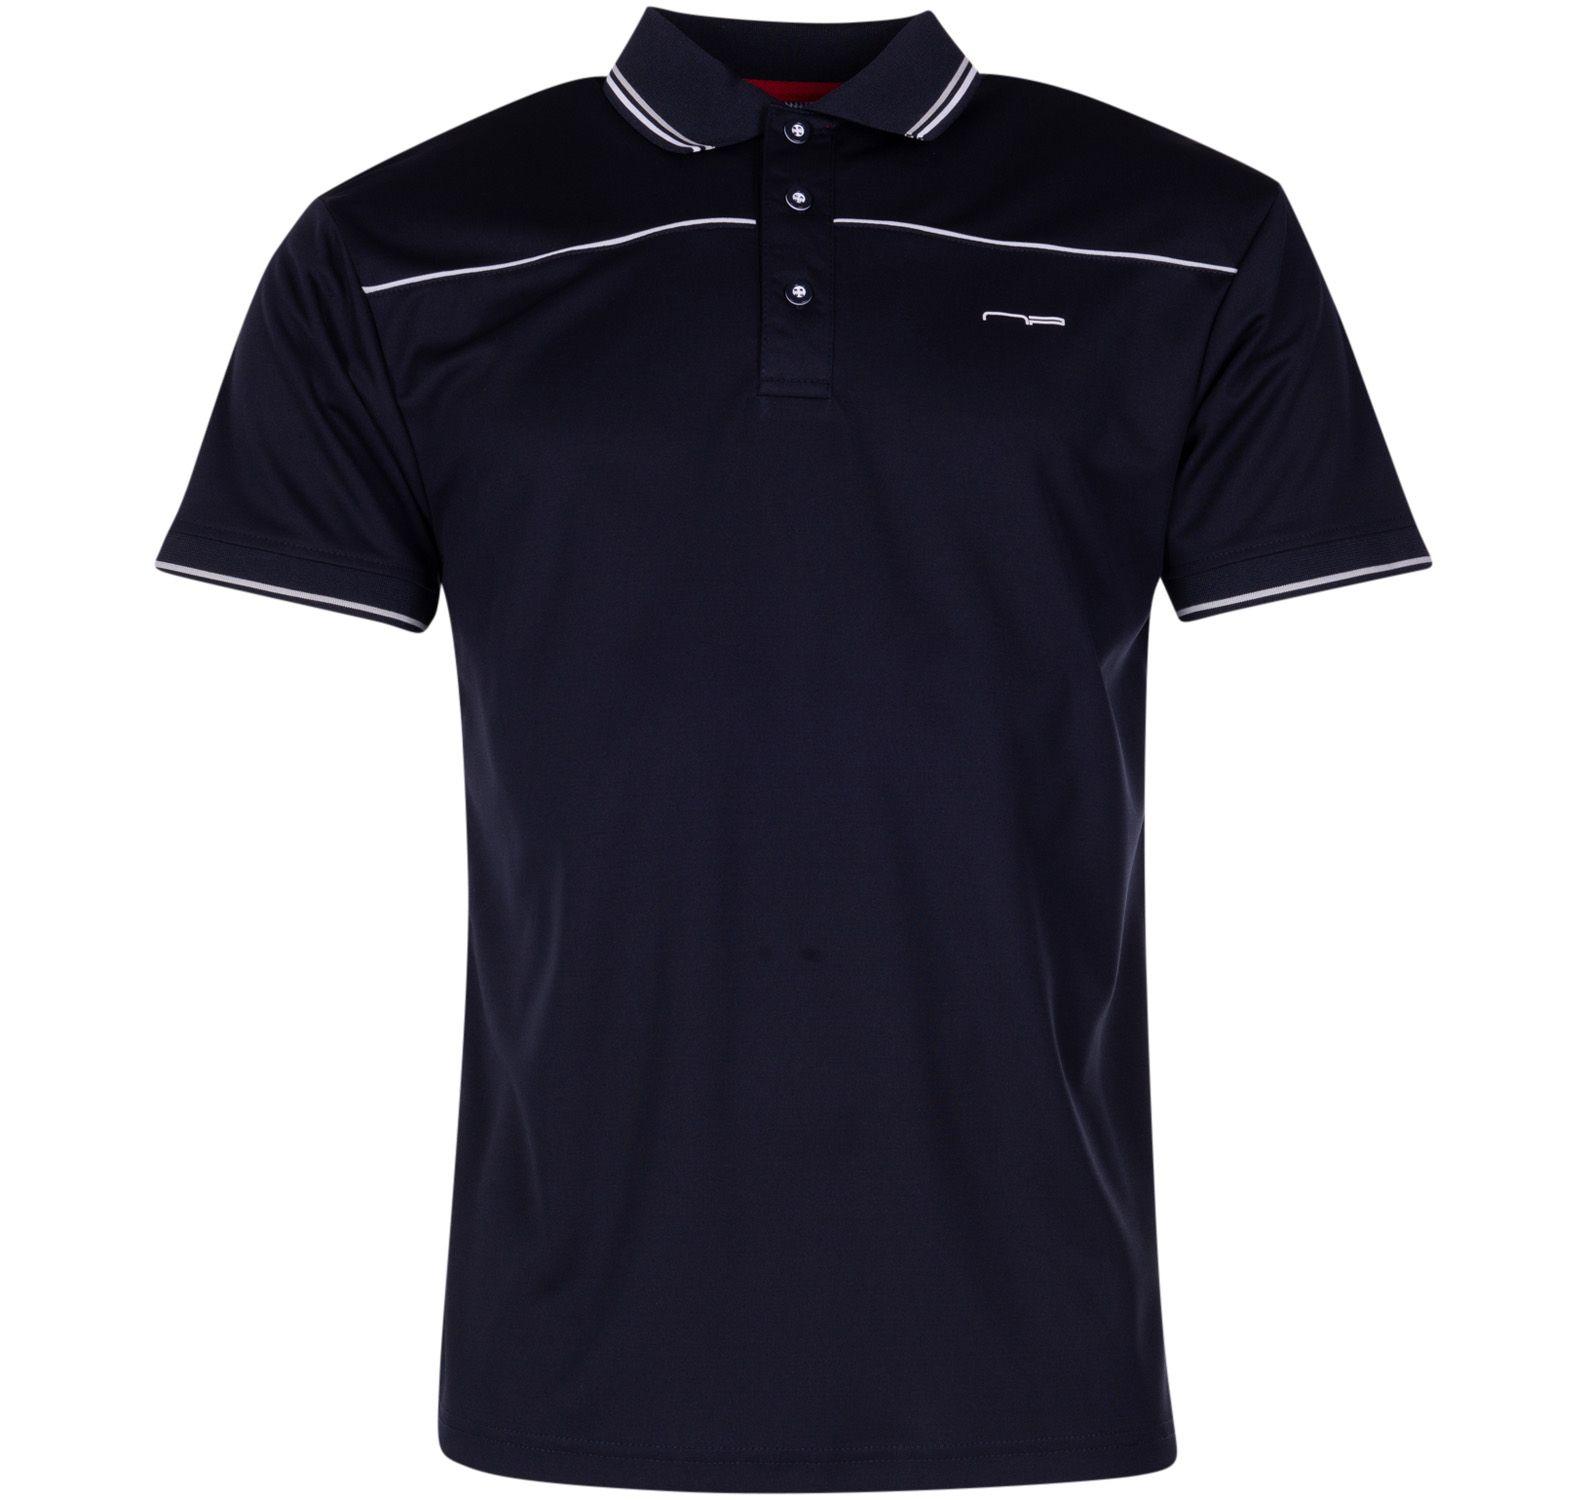 shirt 1801 black s, navy, s, varumärken